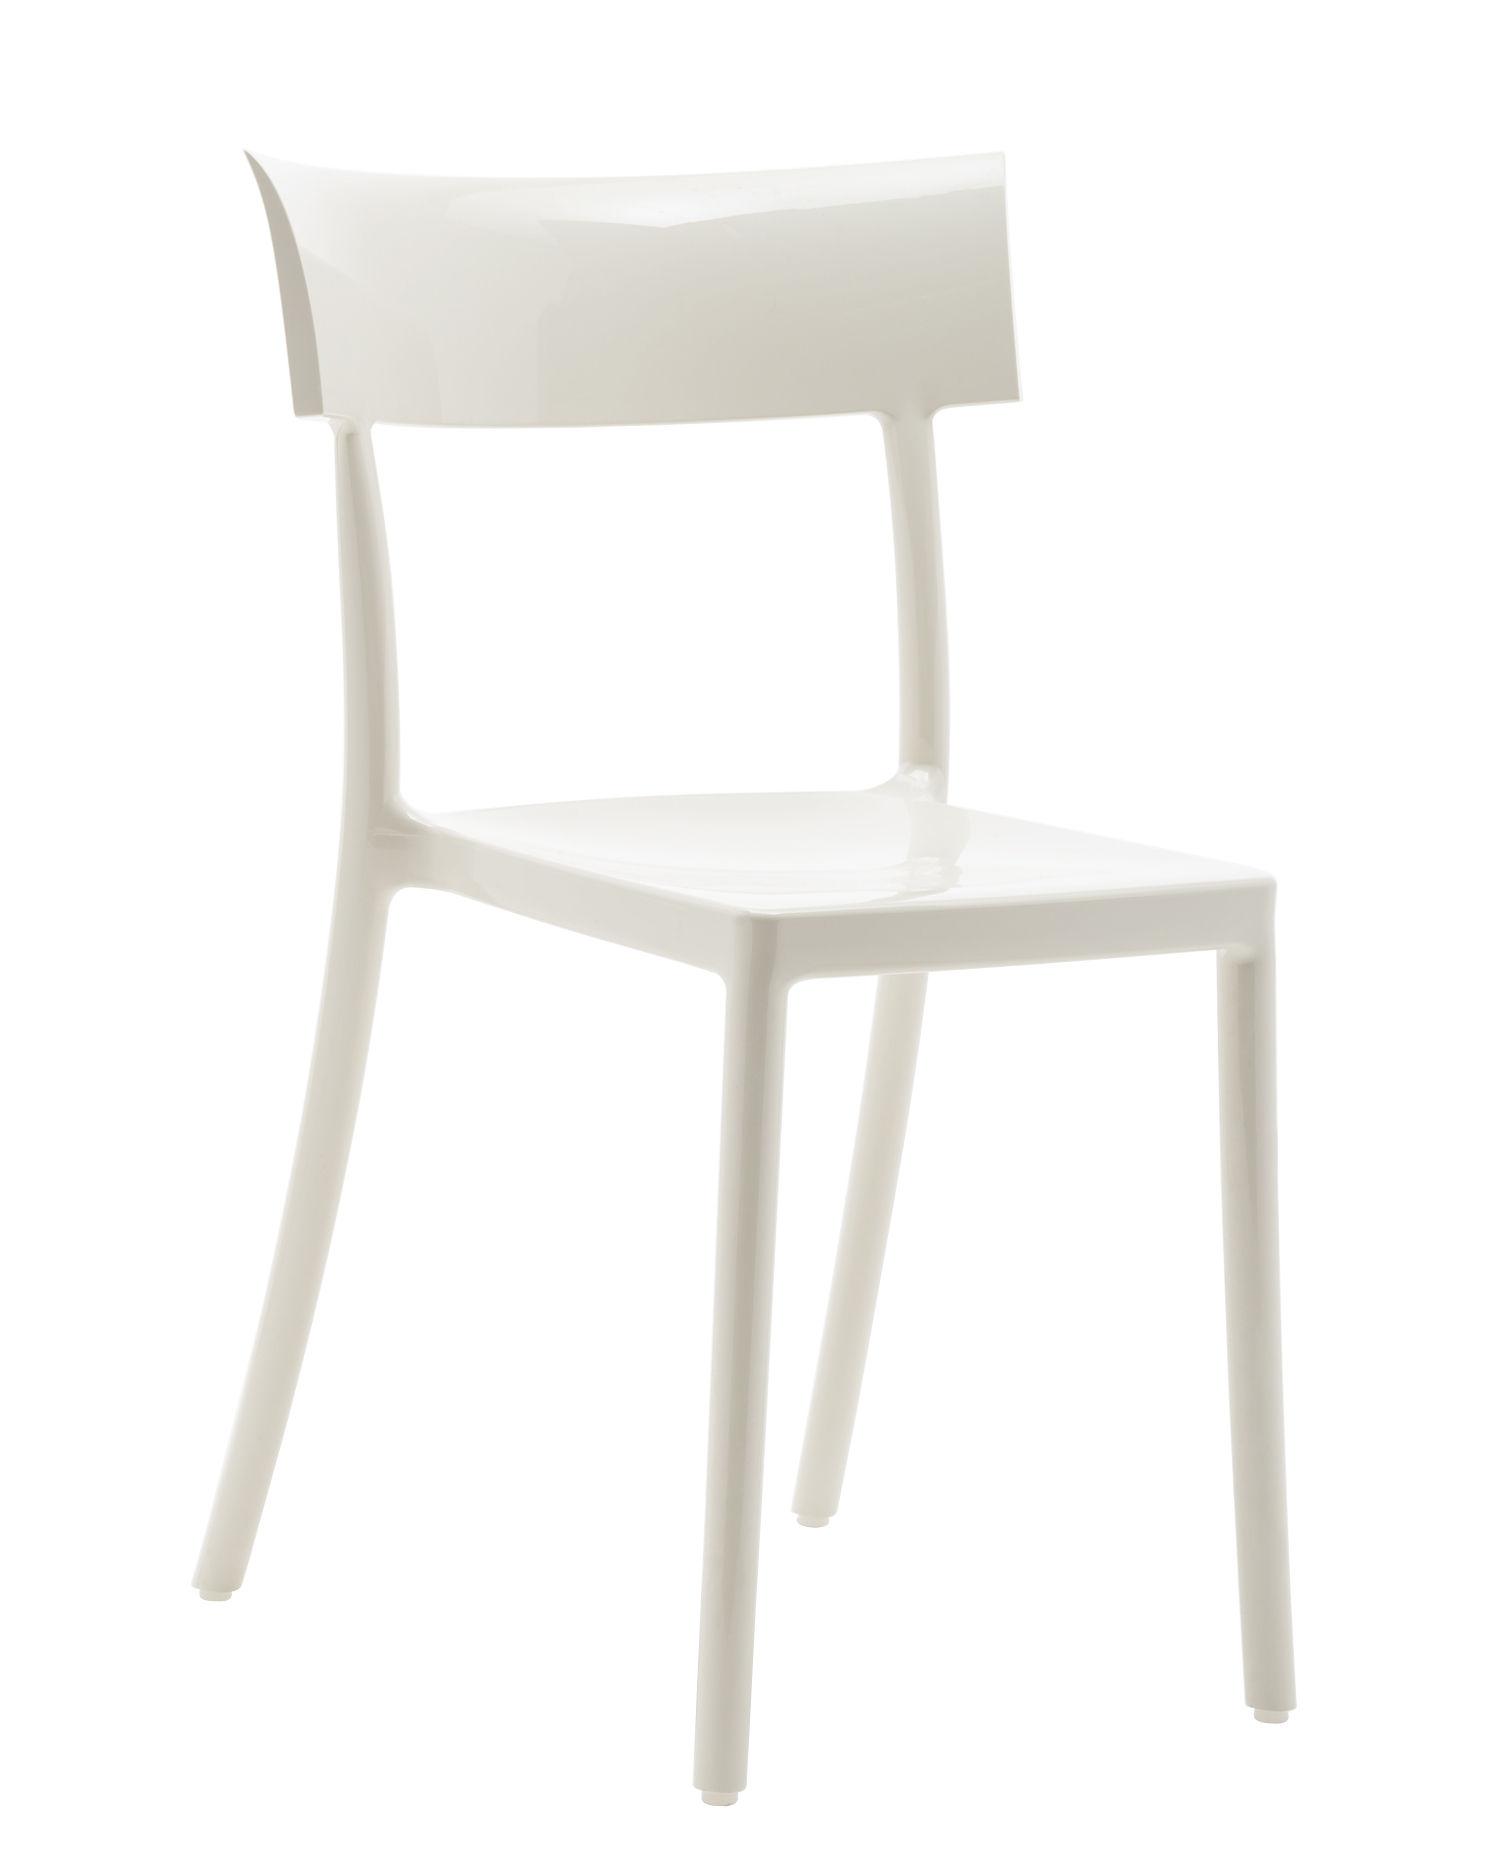 Mobilier - Chaises, fauteuils de salle à manger - Chaise empilable Generic Catwalk / Polycarbonate - Kartell - Blanc - Polycarbonate